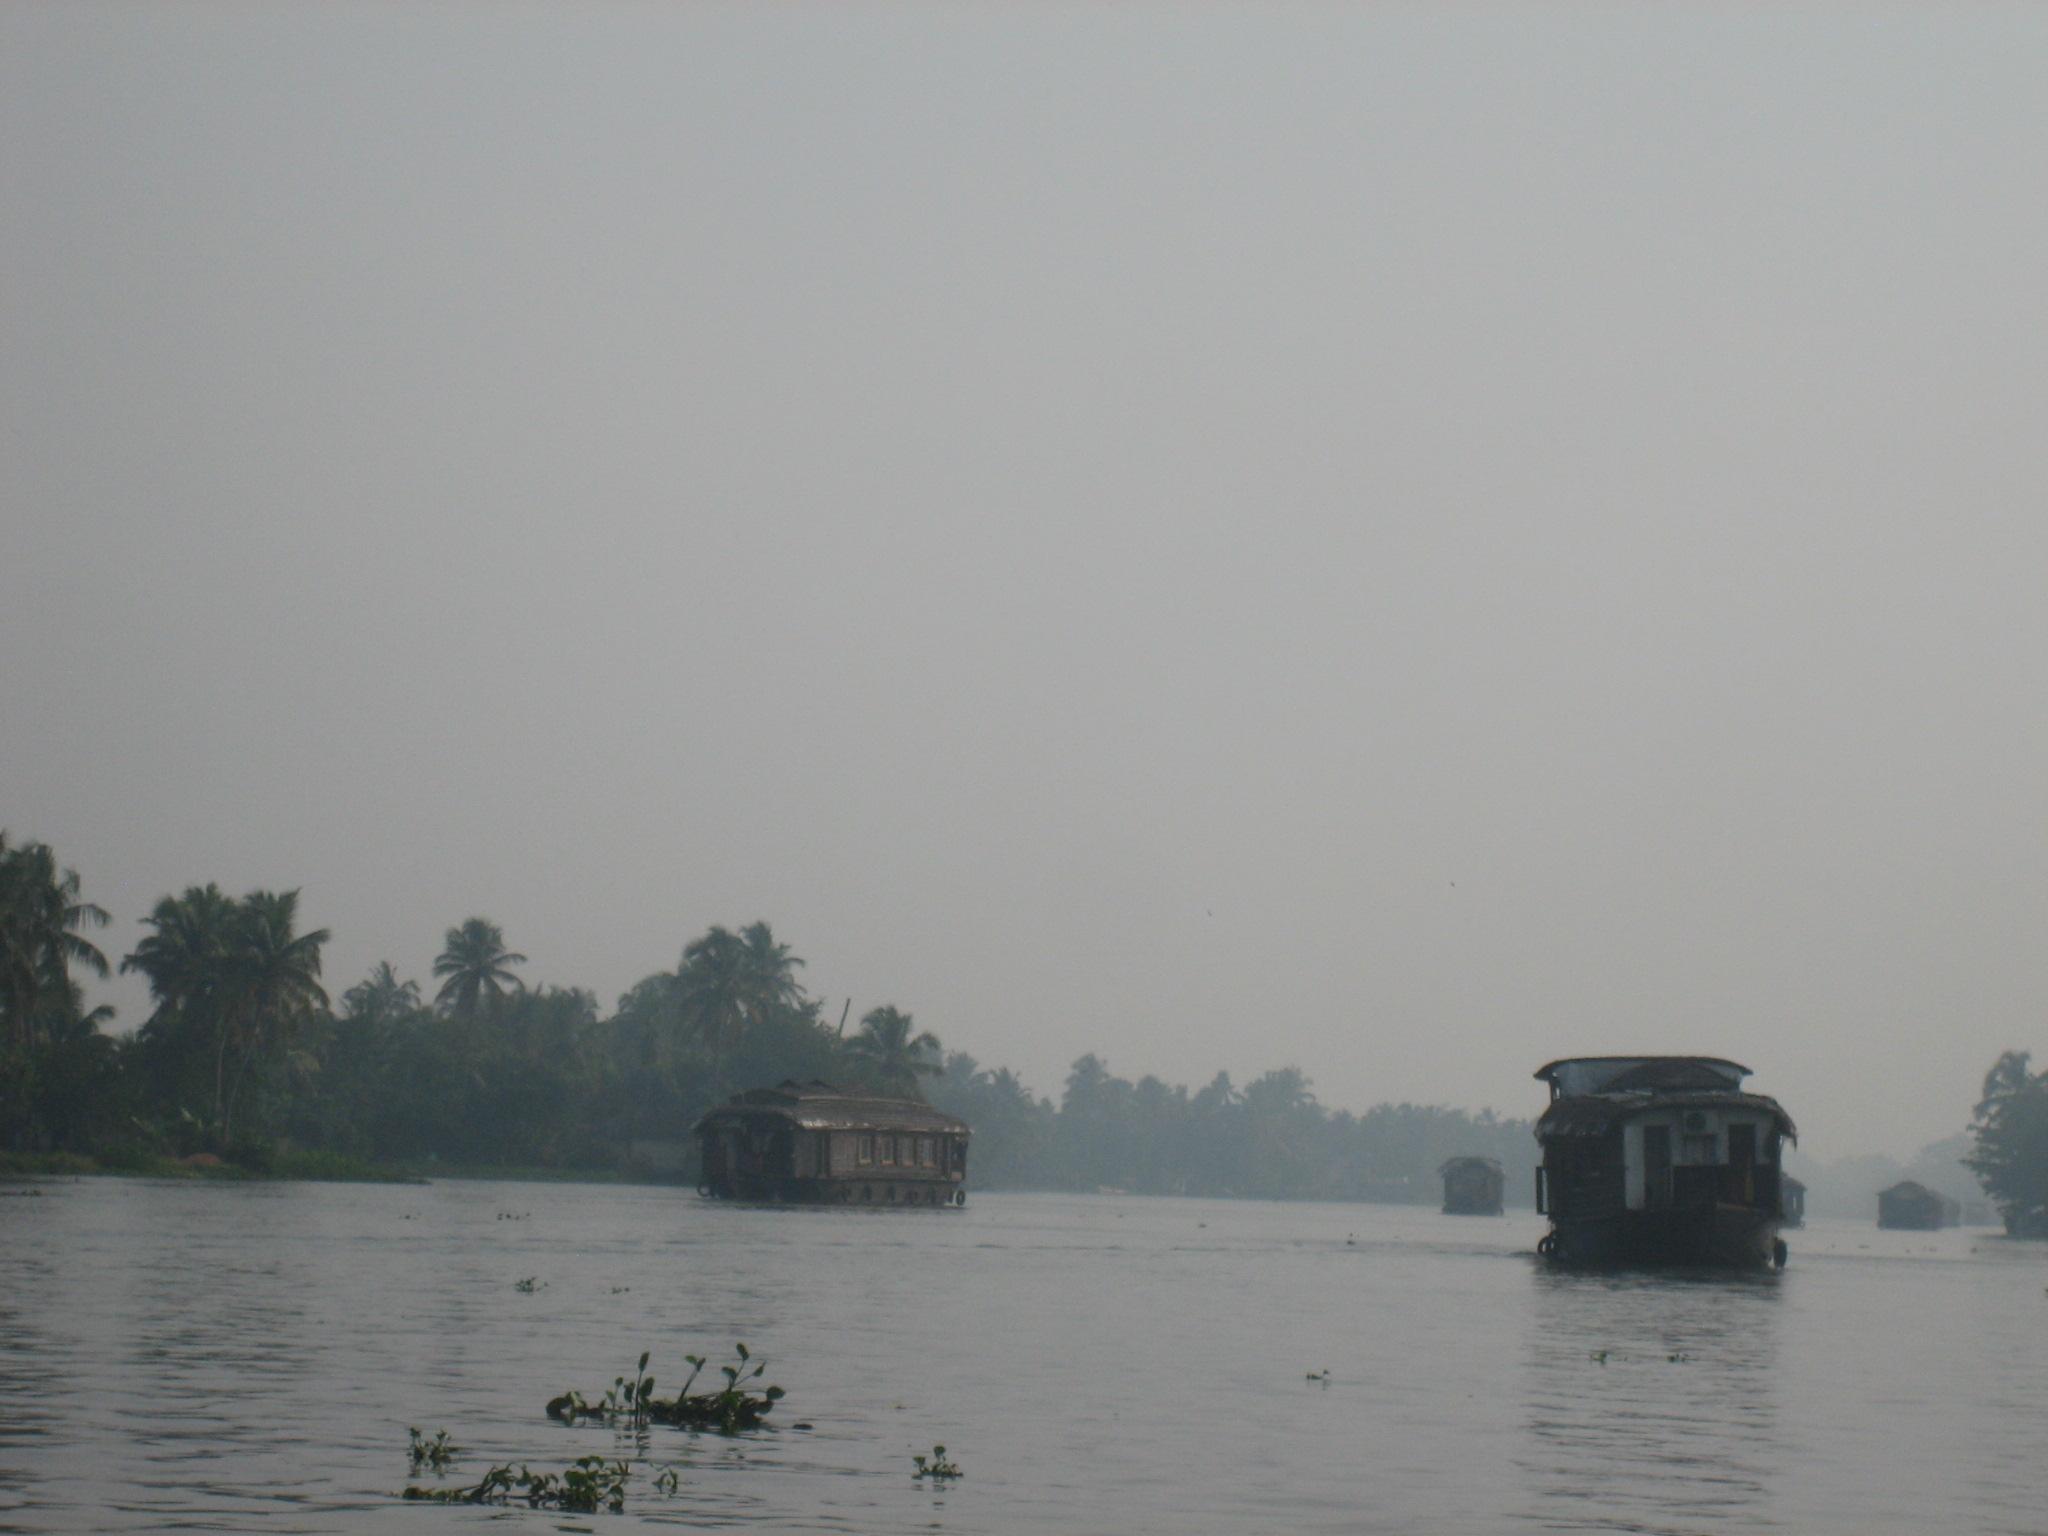 Ein traditionelles indisches Hausboot auf dem Fluss